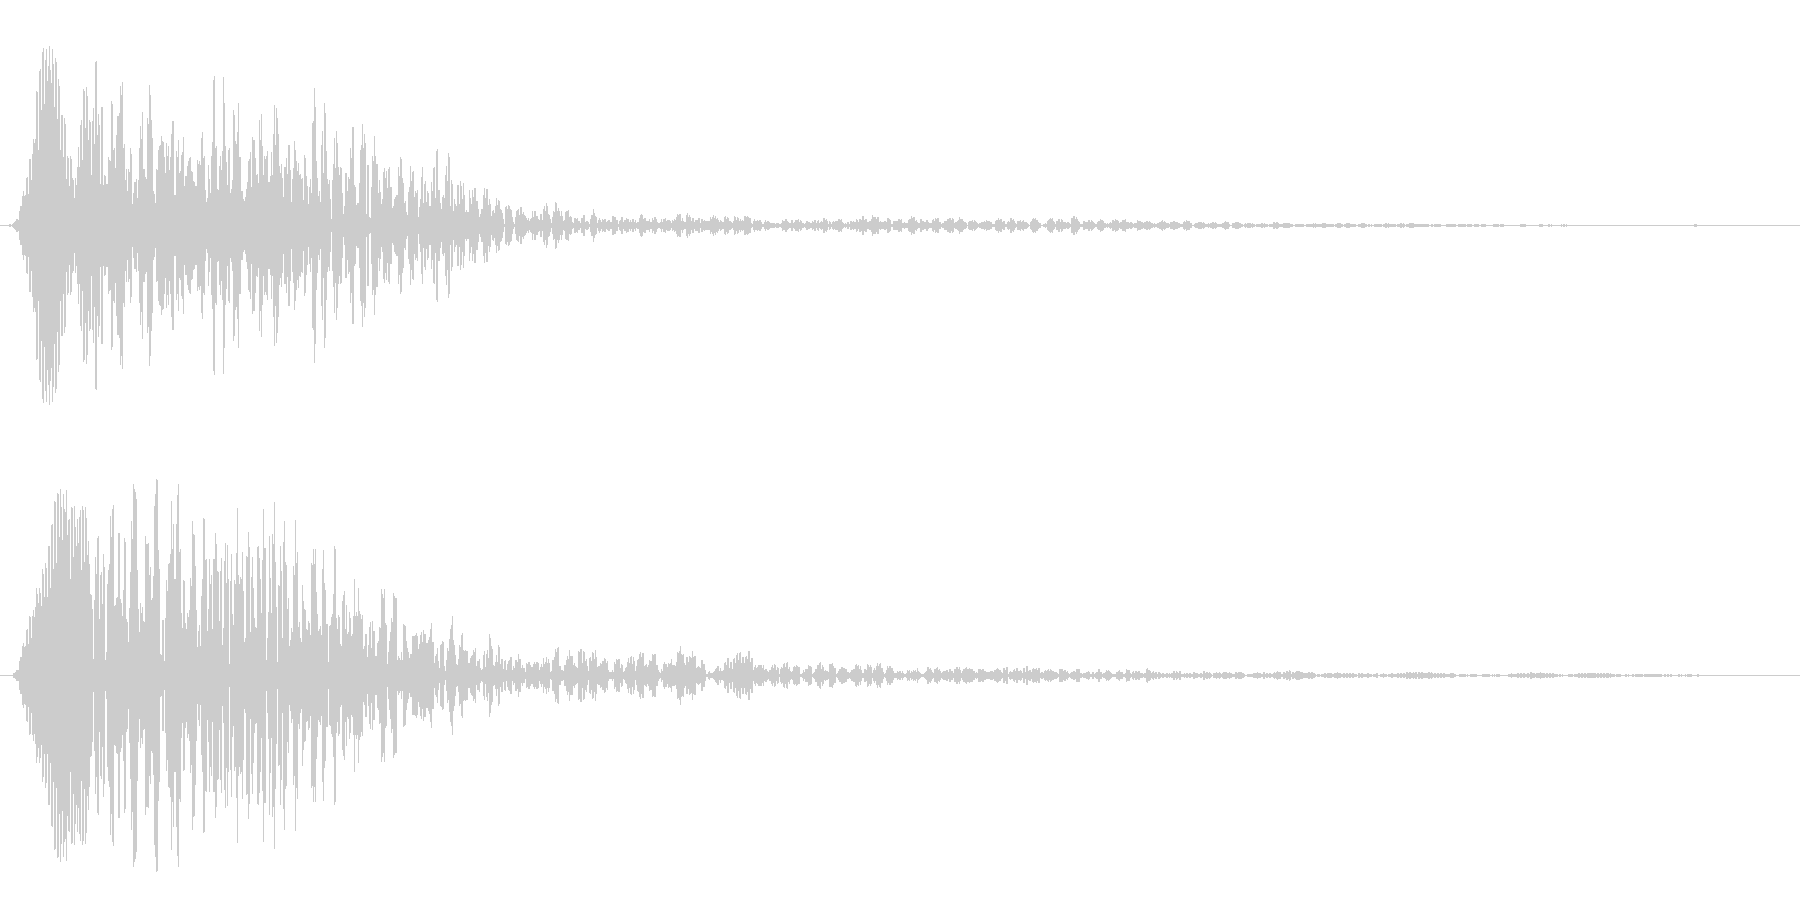 ローリングスタート(落ち着いた女性の声)の未再生の波形